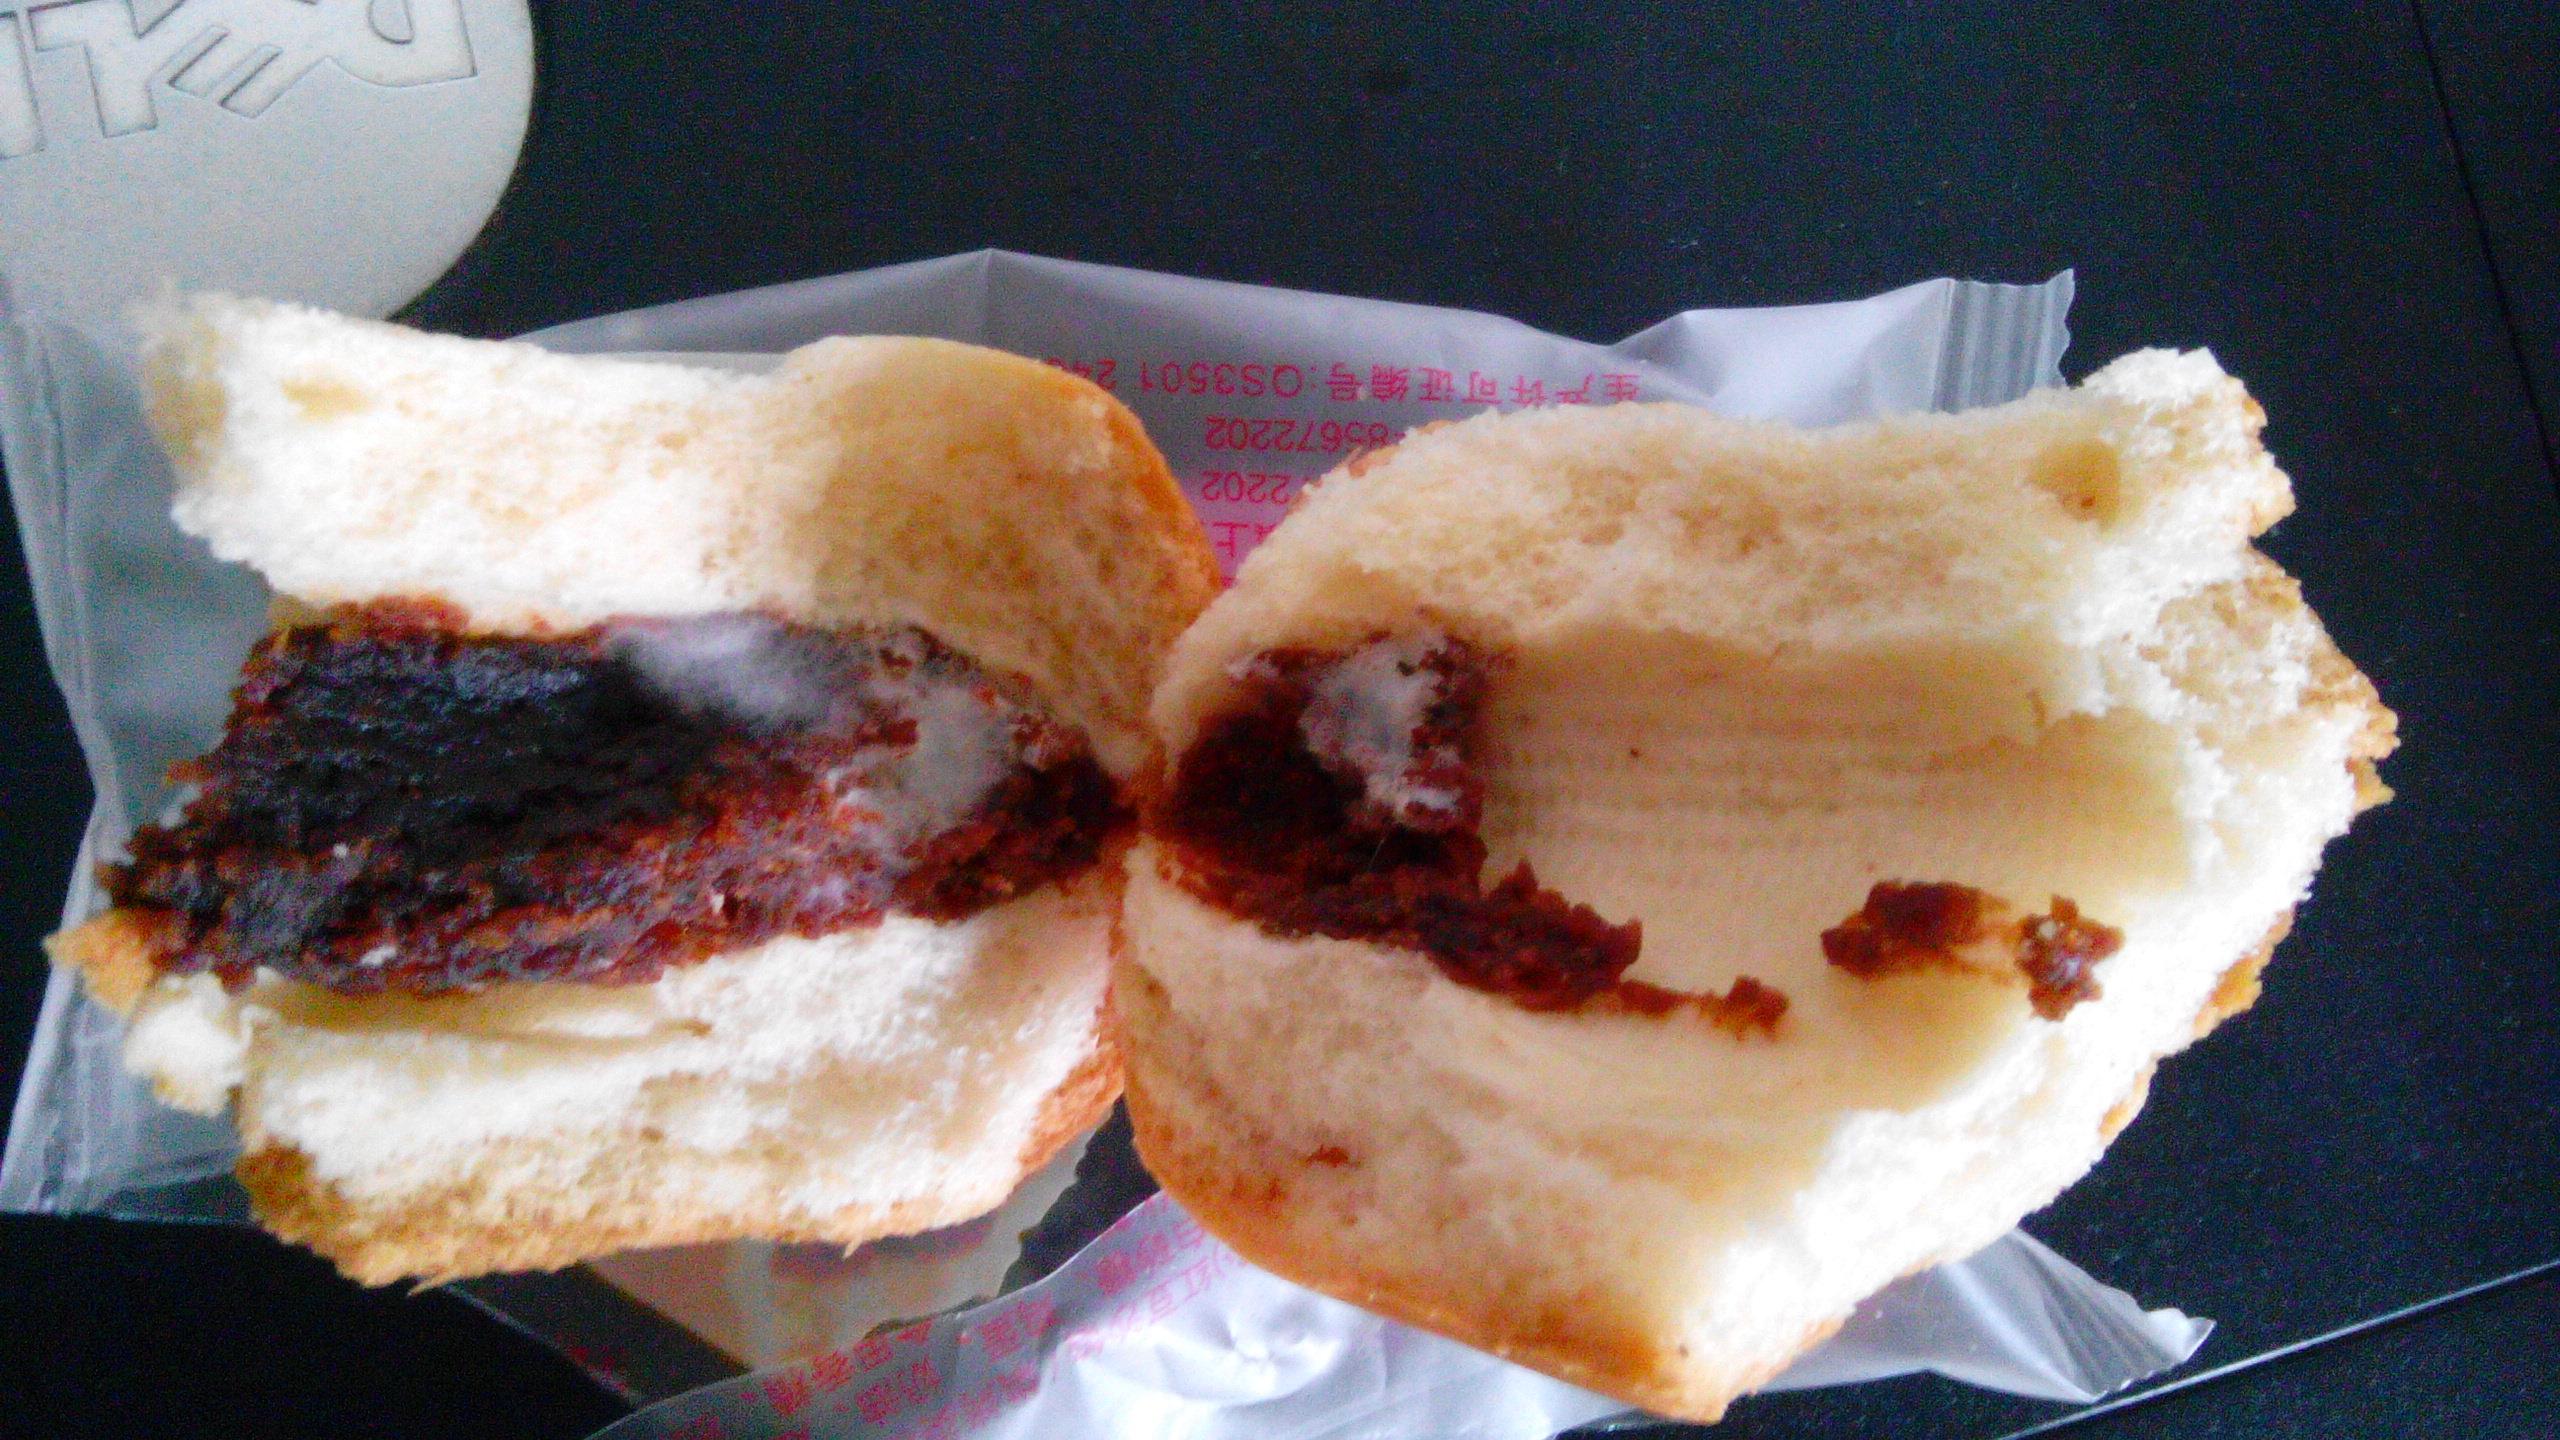 2013-08-18 10:12 主题:福清市好利园食品有限公司生产的面包长毛了